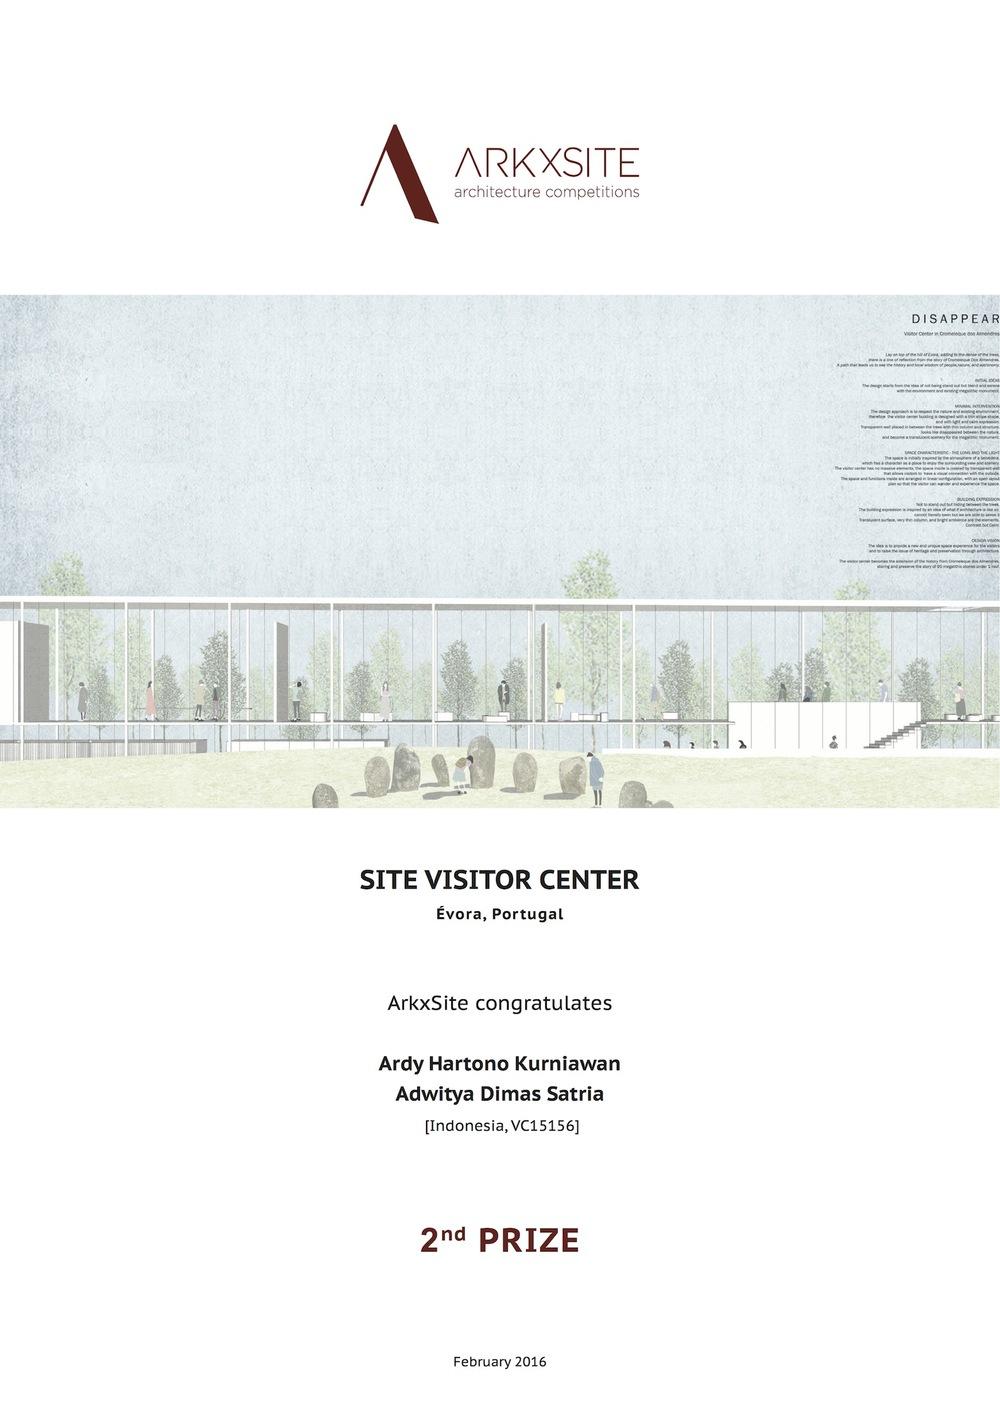 VisitorCenter_2ndPrize.jpg